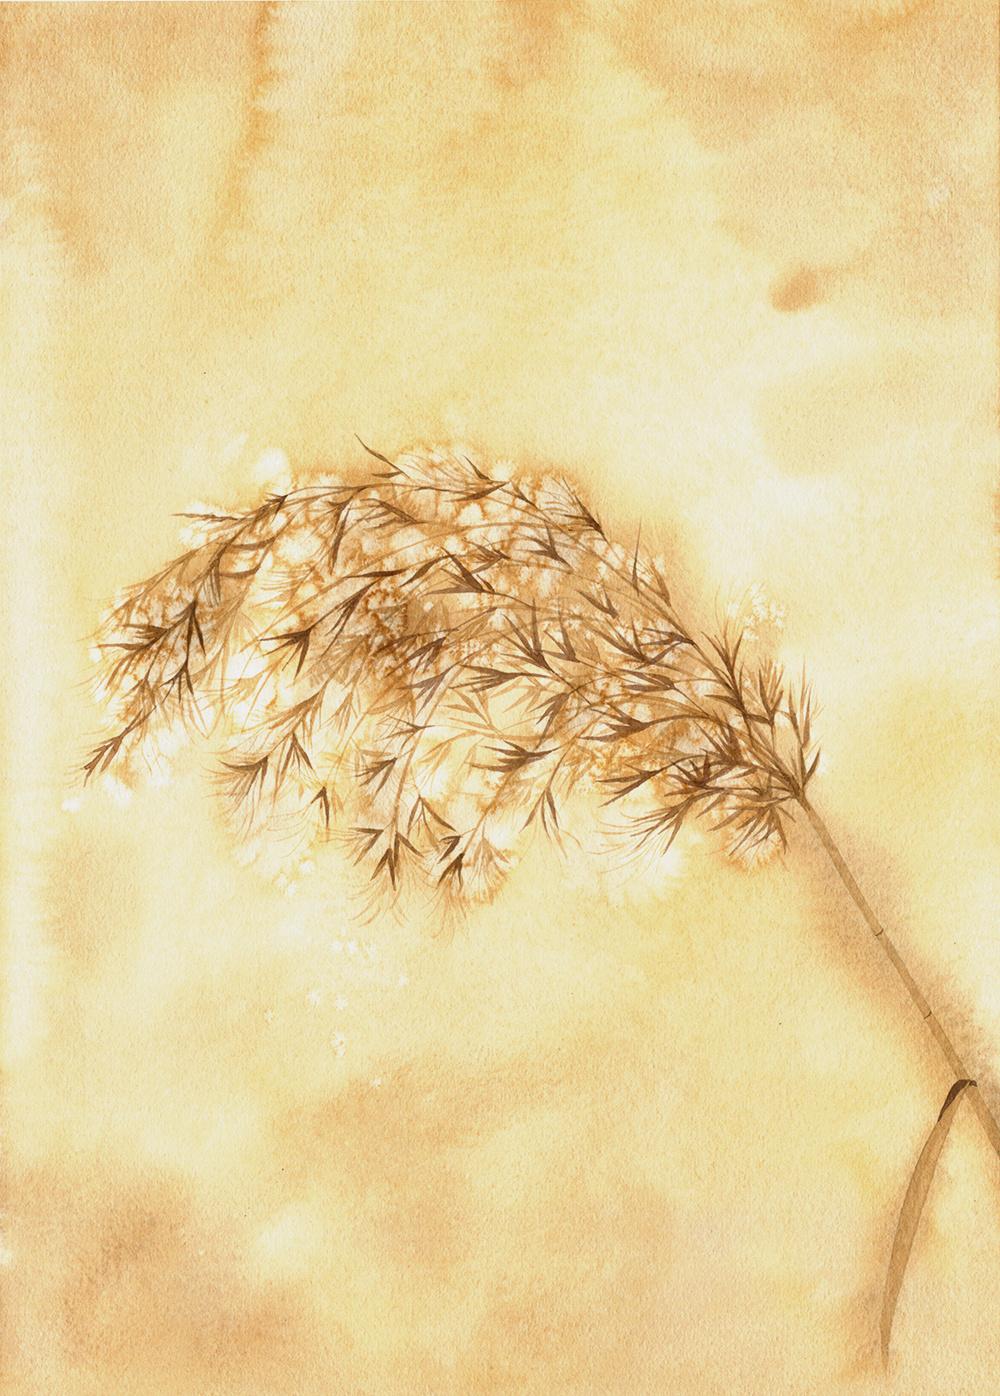 芦苇平面图例手绘